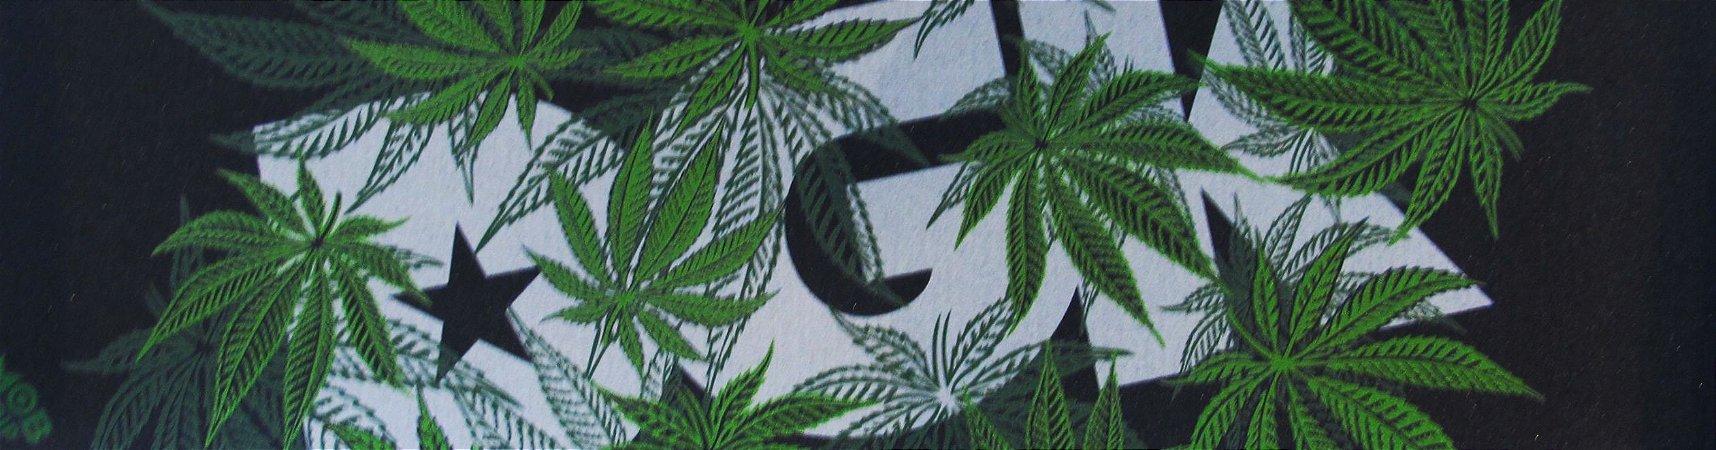 Lixa Mob Grip DGK Cannabis